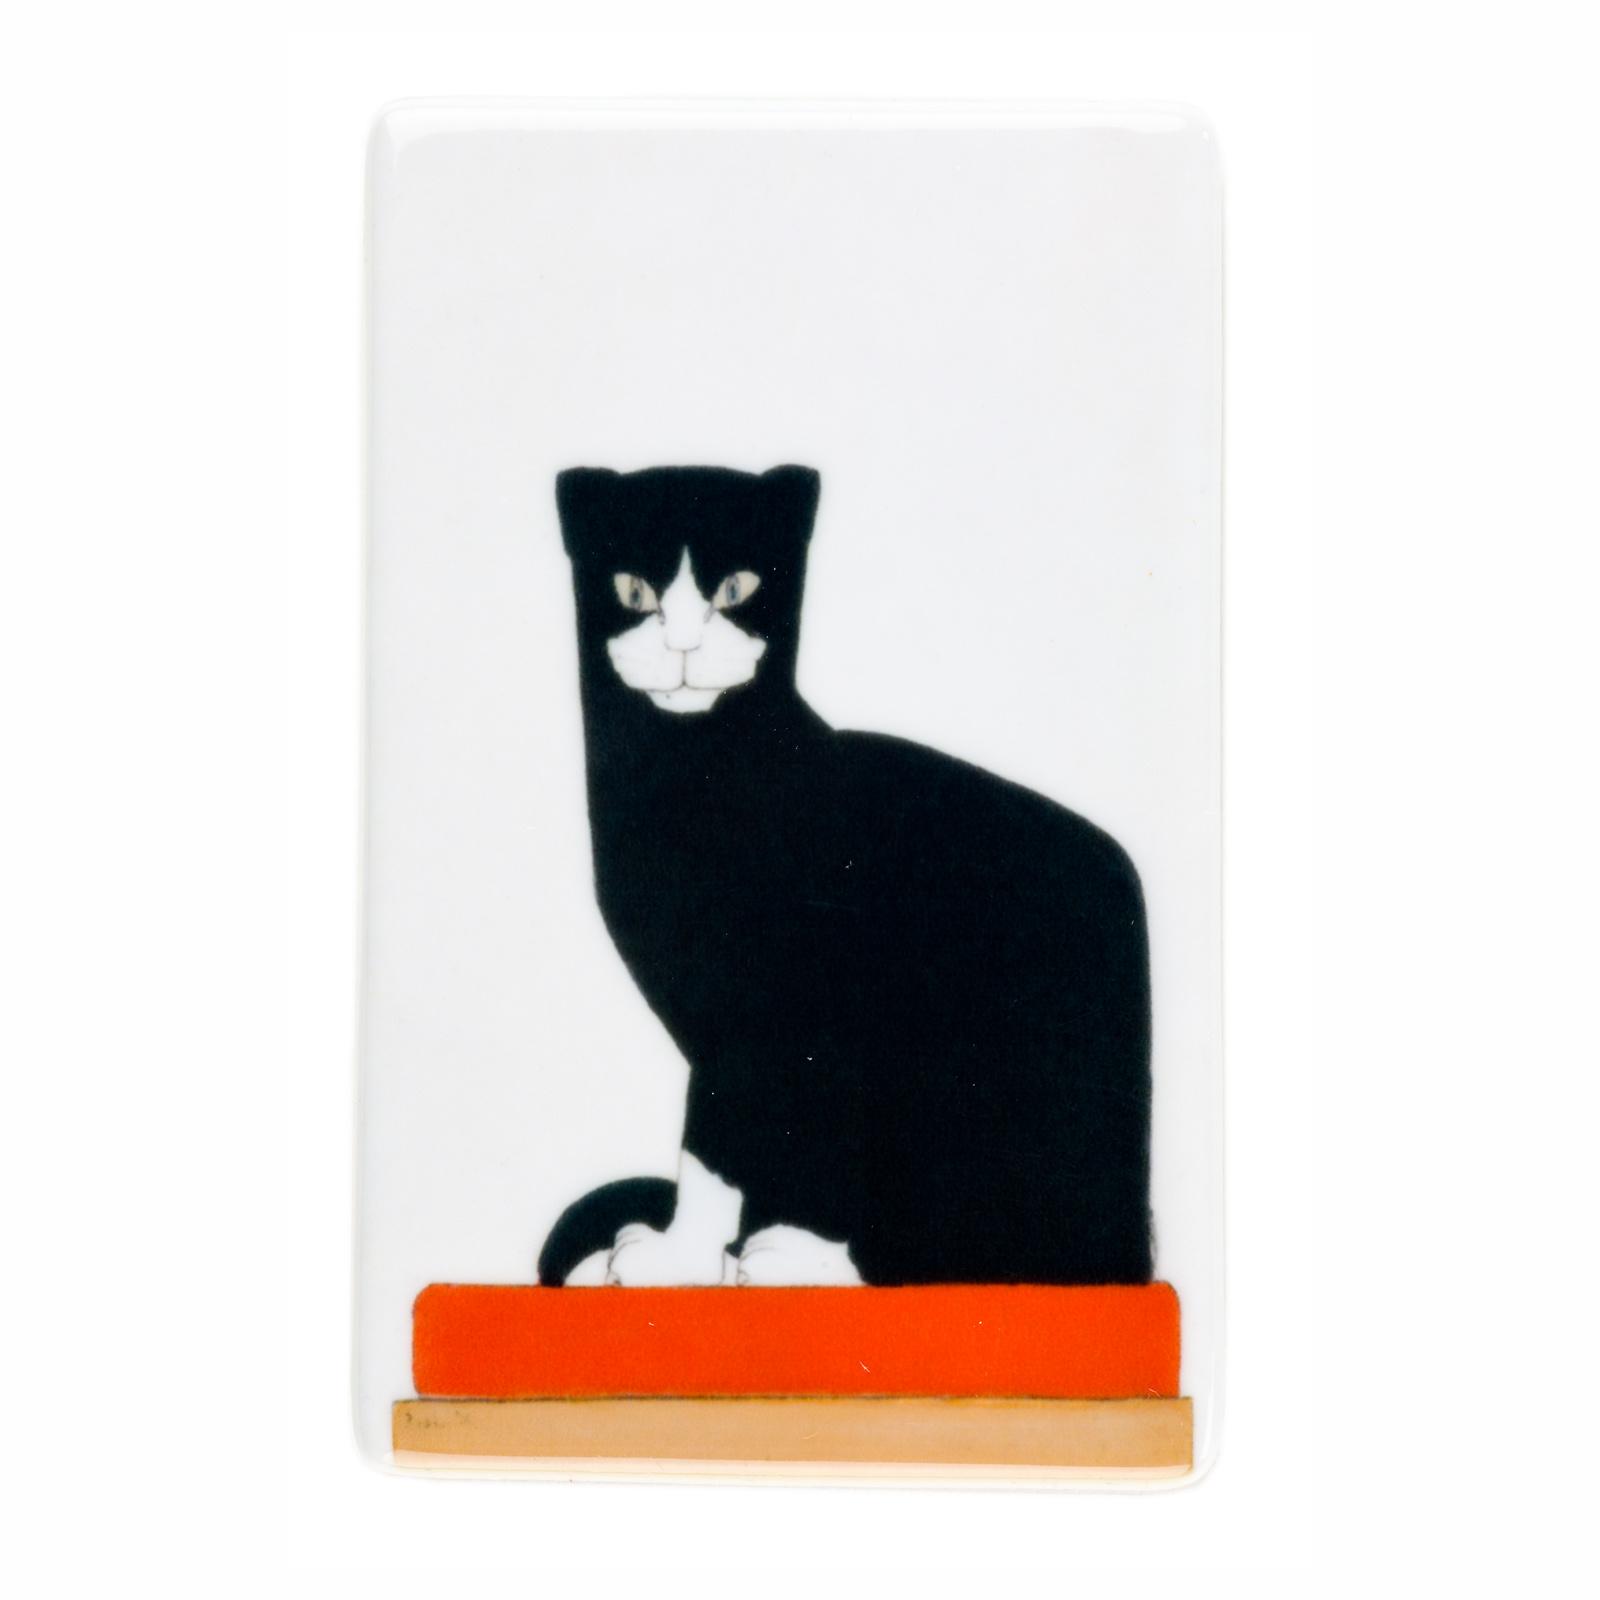 Koelkast magneet Bart van der Leck De kat